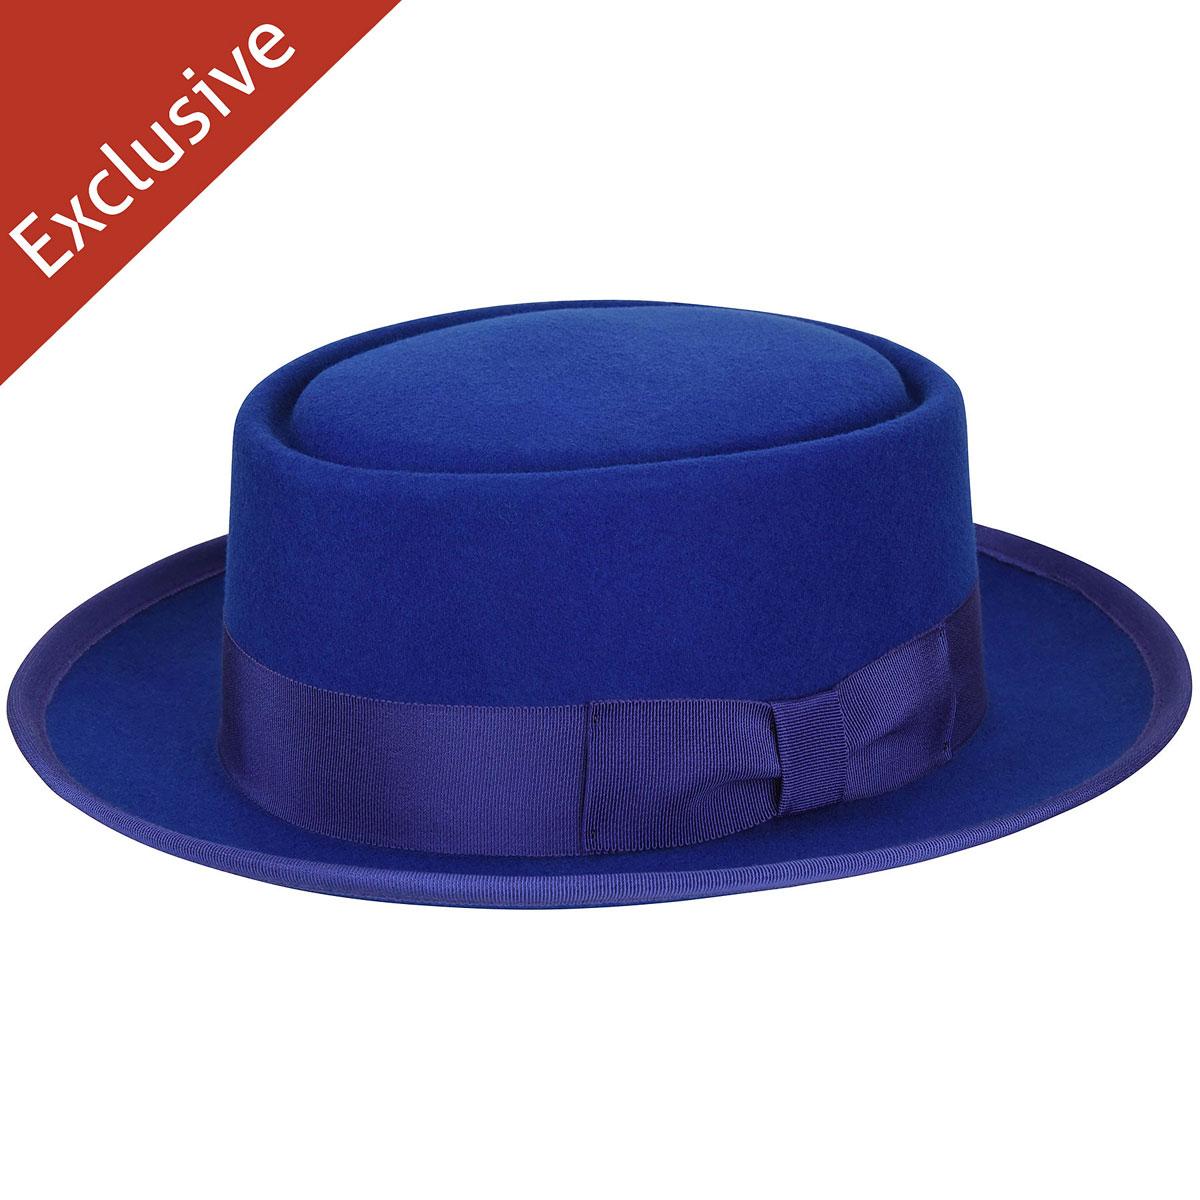 Hats.com Danger Pork Pie - Exclusive in Royal